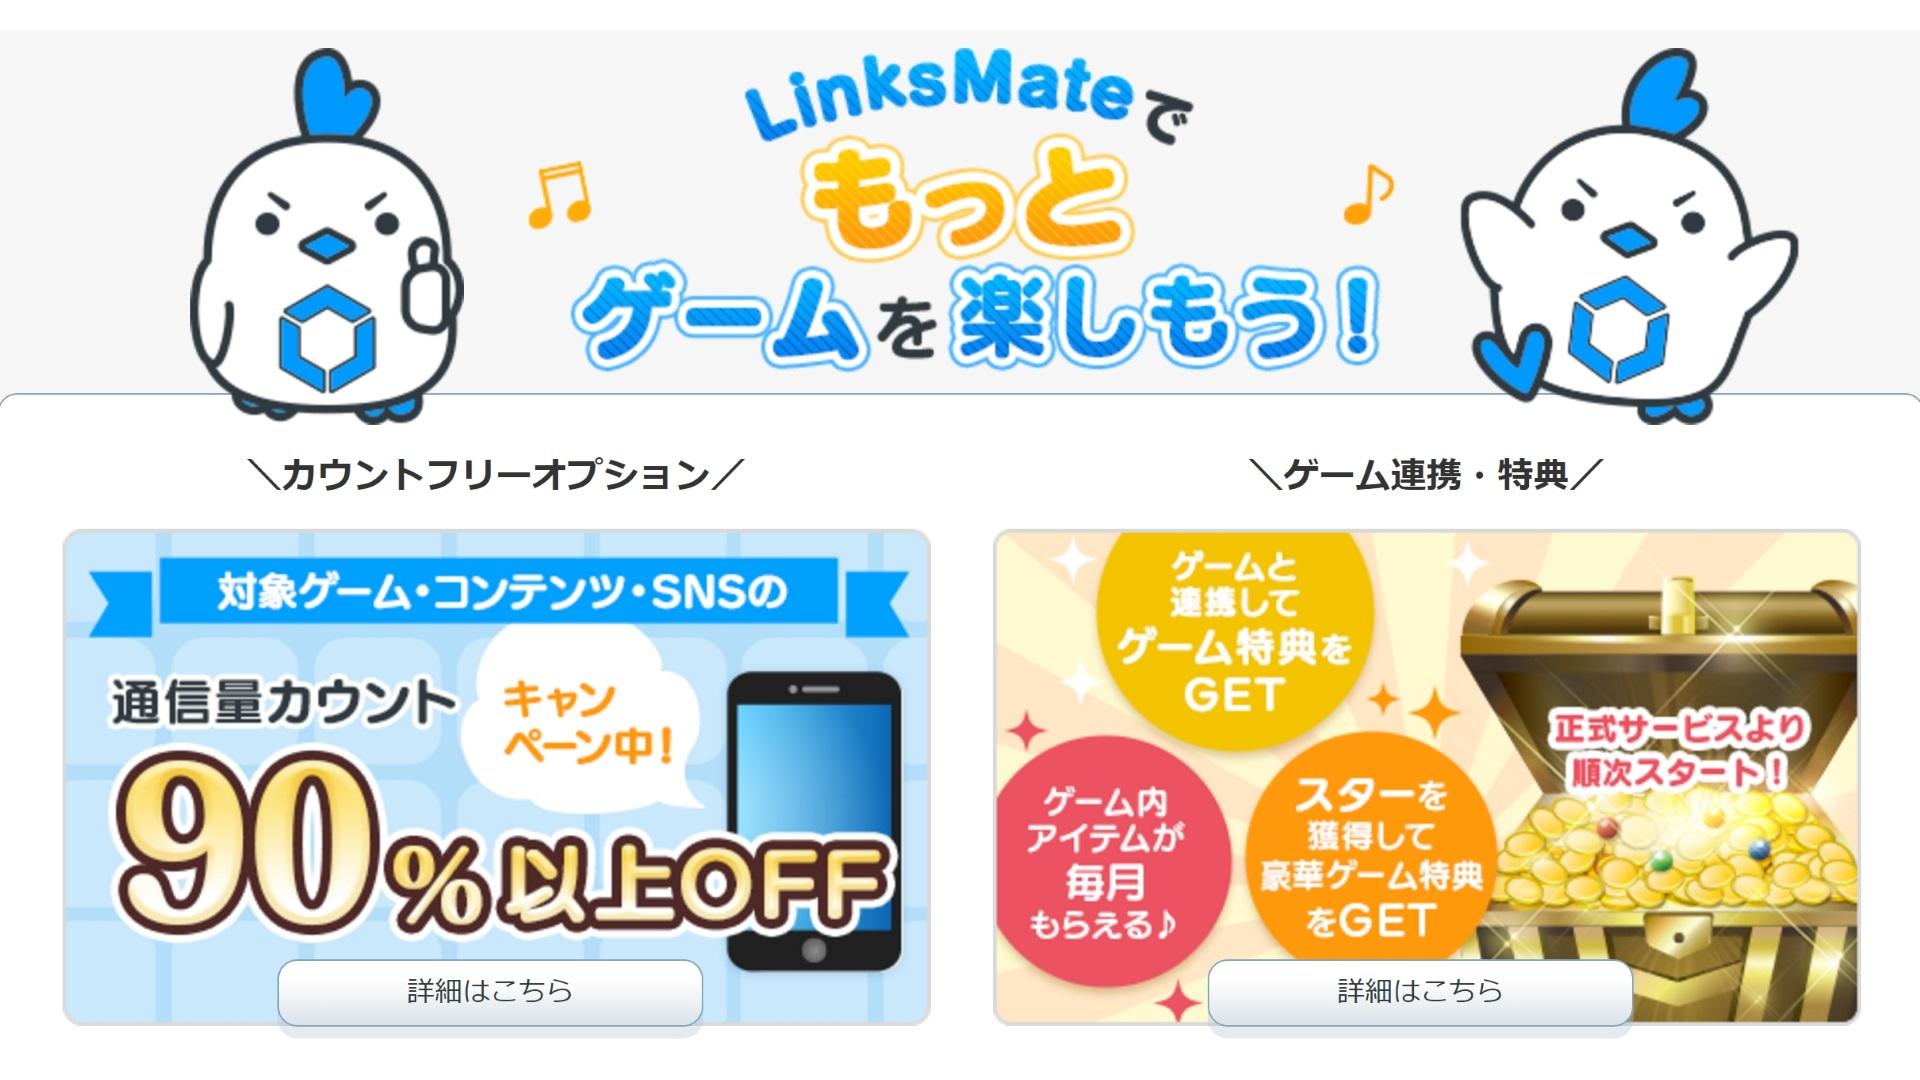 LogicLinks、対象のゲームアプリやSNSがカウントフリーとなる MVNO「LinksMate」を7月1日より開始